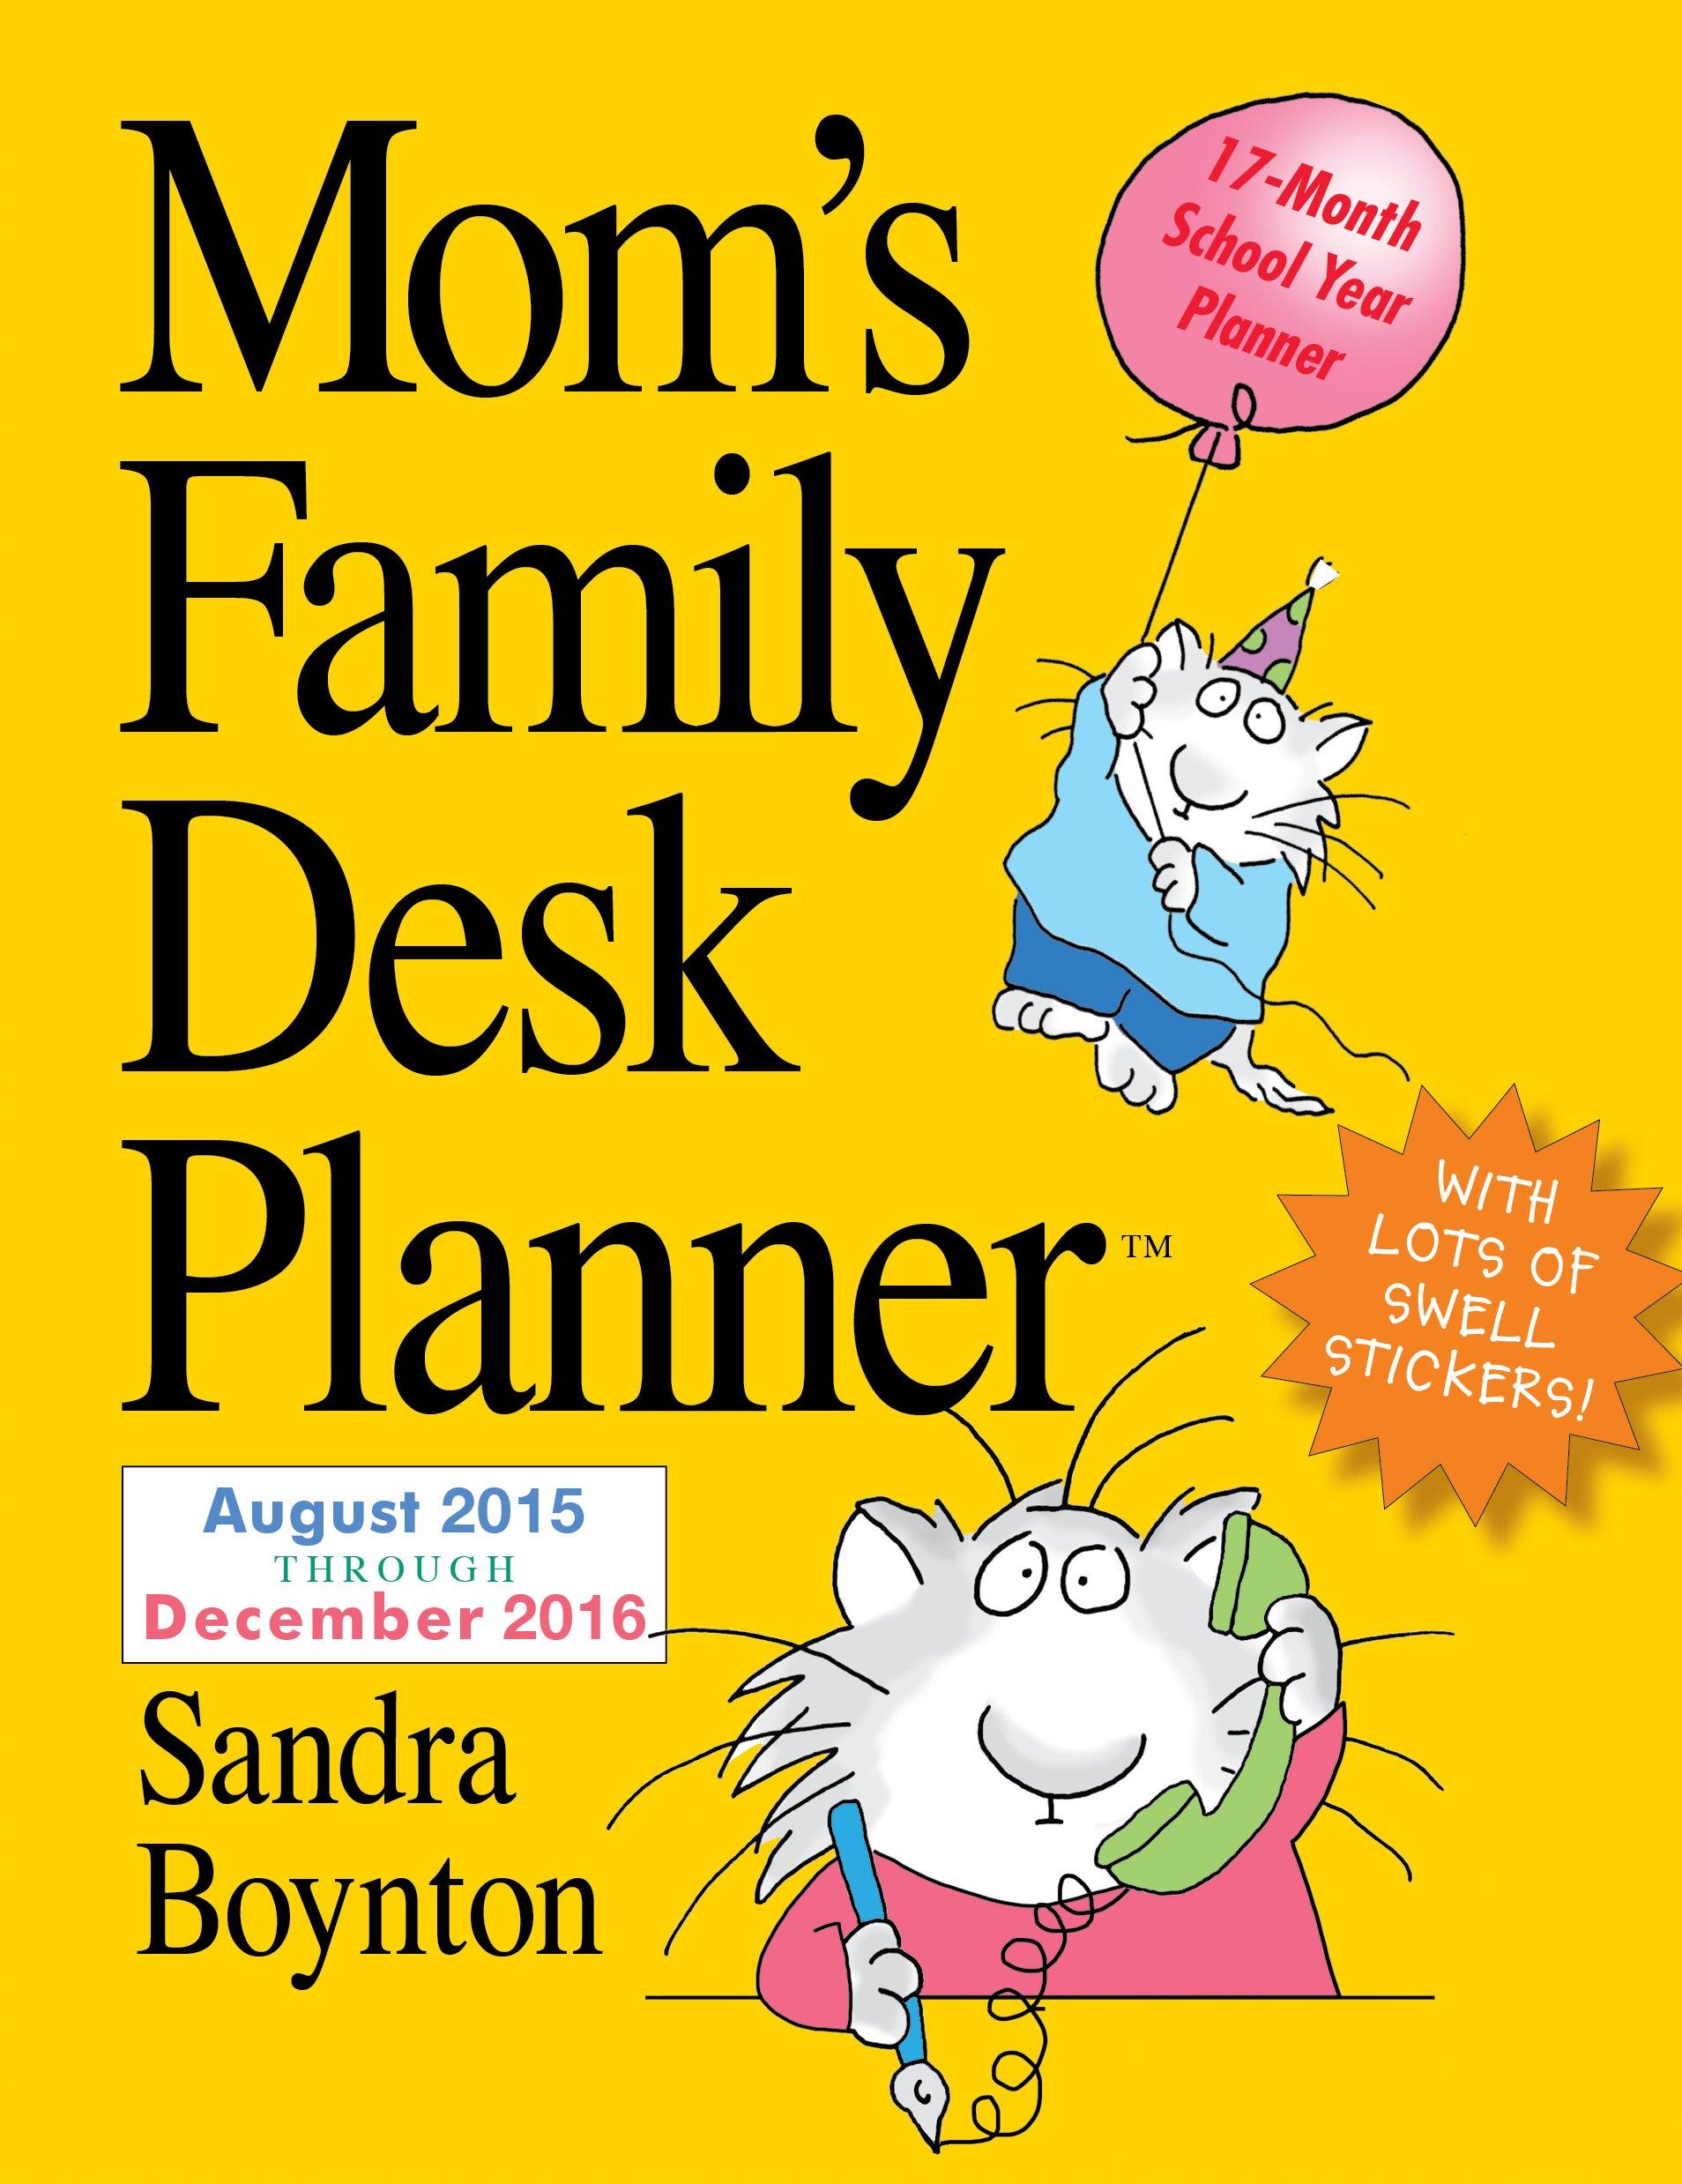 Mom's Family Desk Planner August 2015 Through December 2016